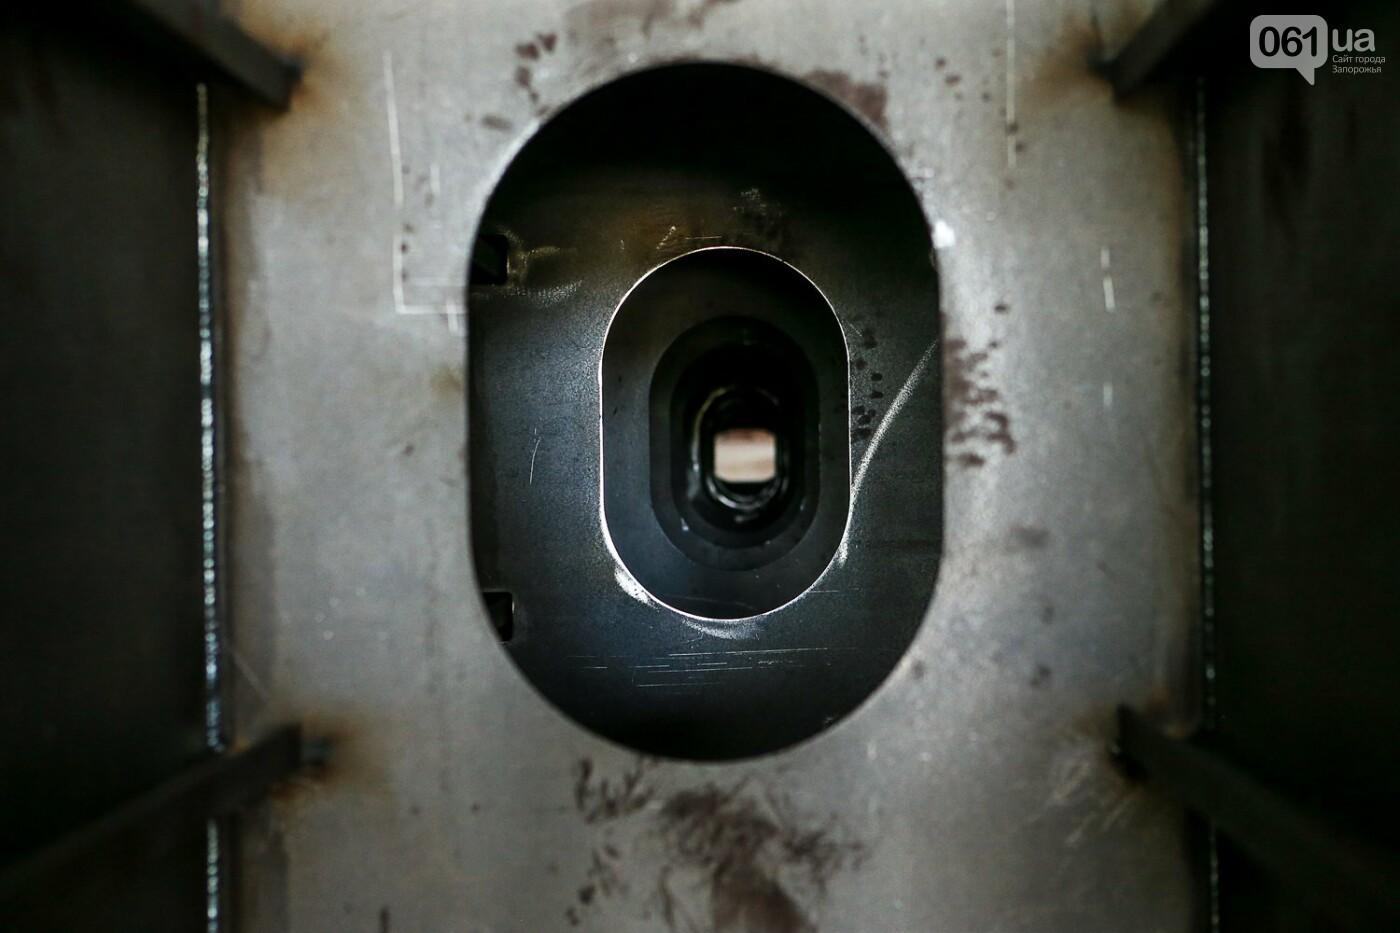 Как в Запорожье работает крупнейший в Европе завод по производству кранов: экскурсия на производство, — ФОТОРЕПОРТАЖ, фото-22